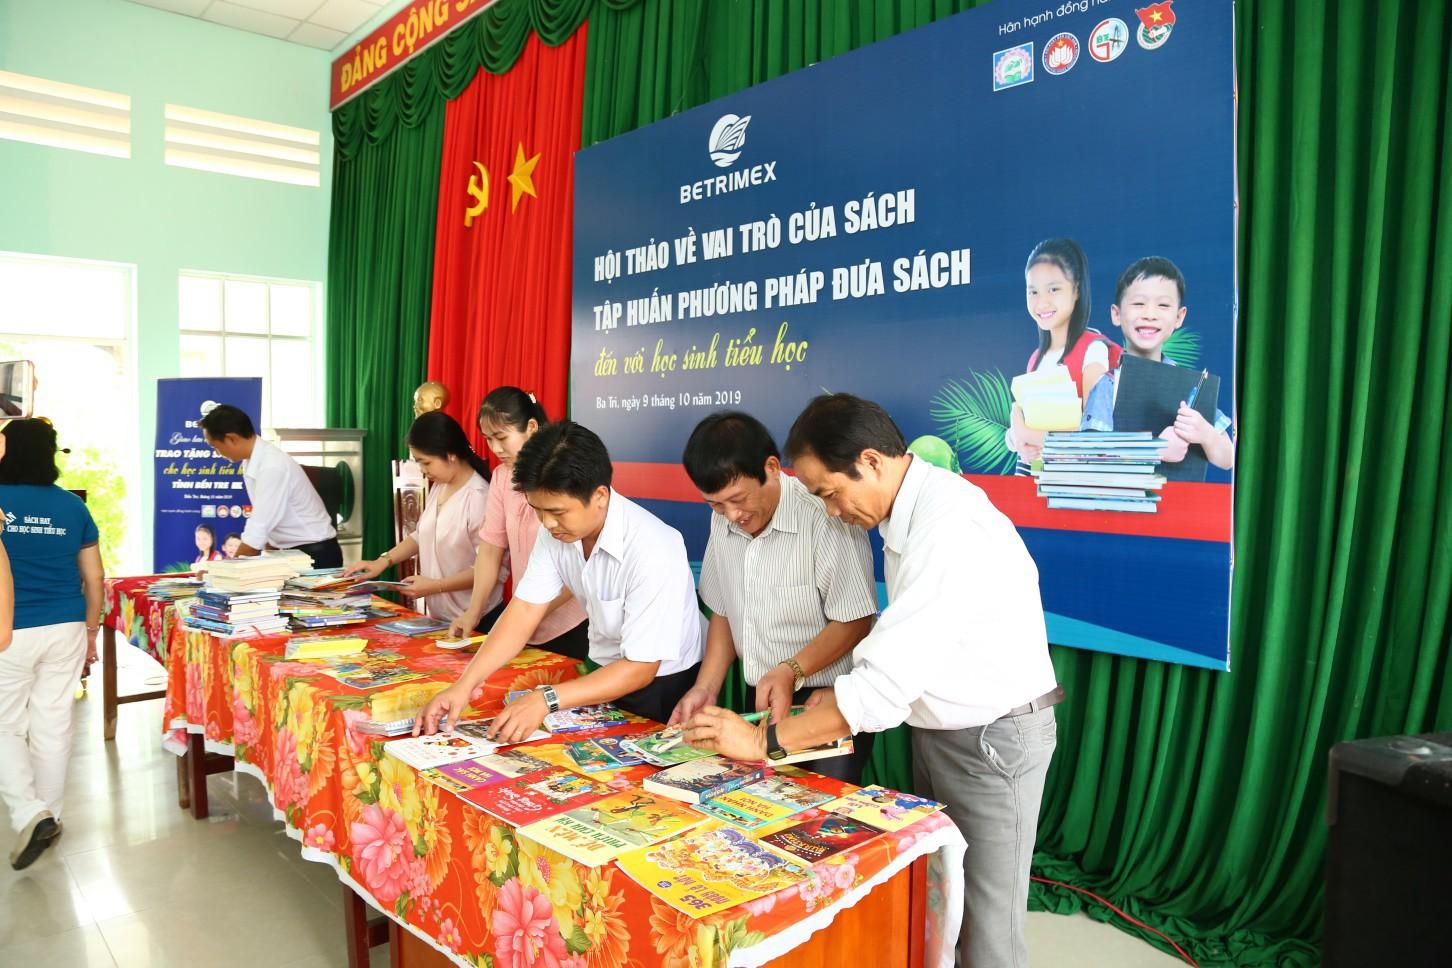 Betrimex mang hàng ngàn đầu sách hay đến tay học sinh tiểu học tỉnh Bế Tre - Ảnh 1.